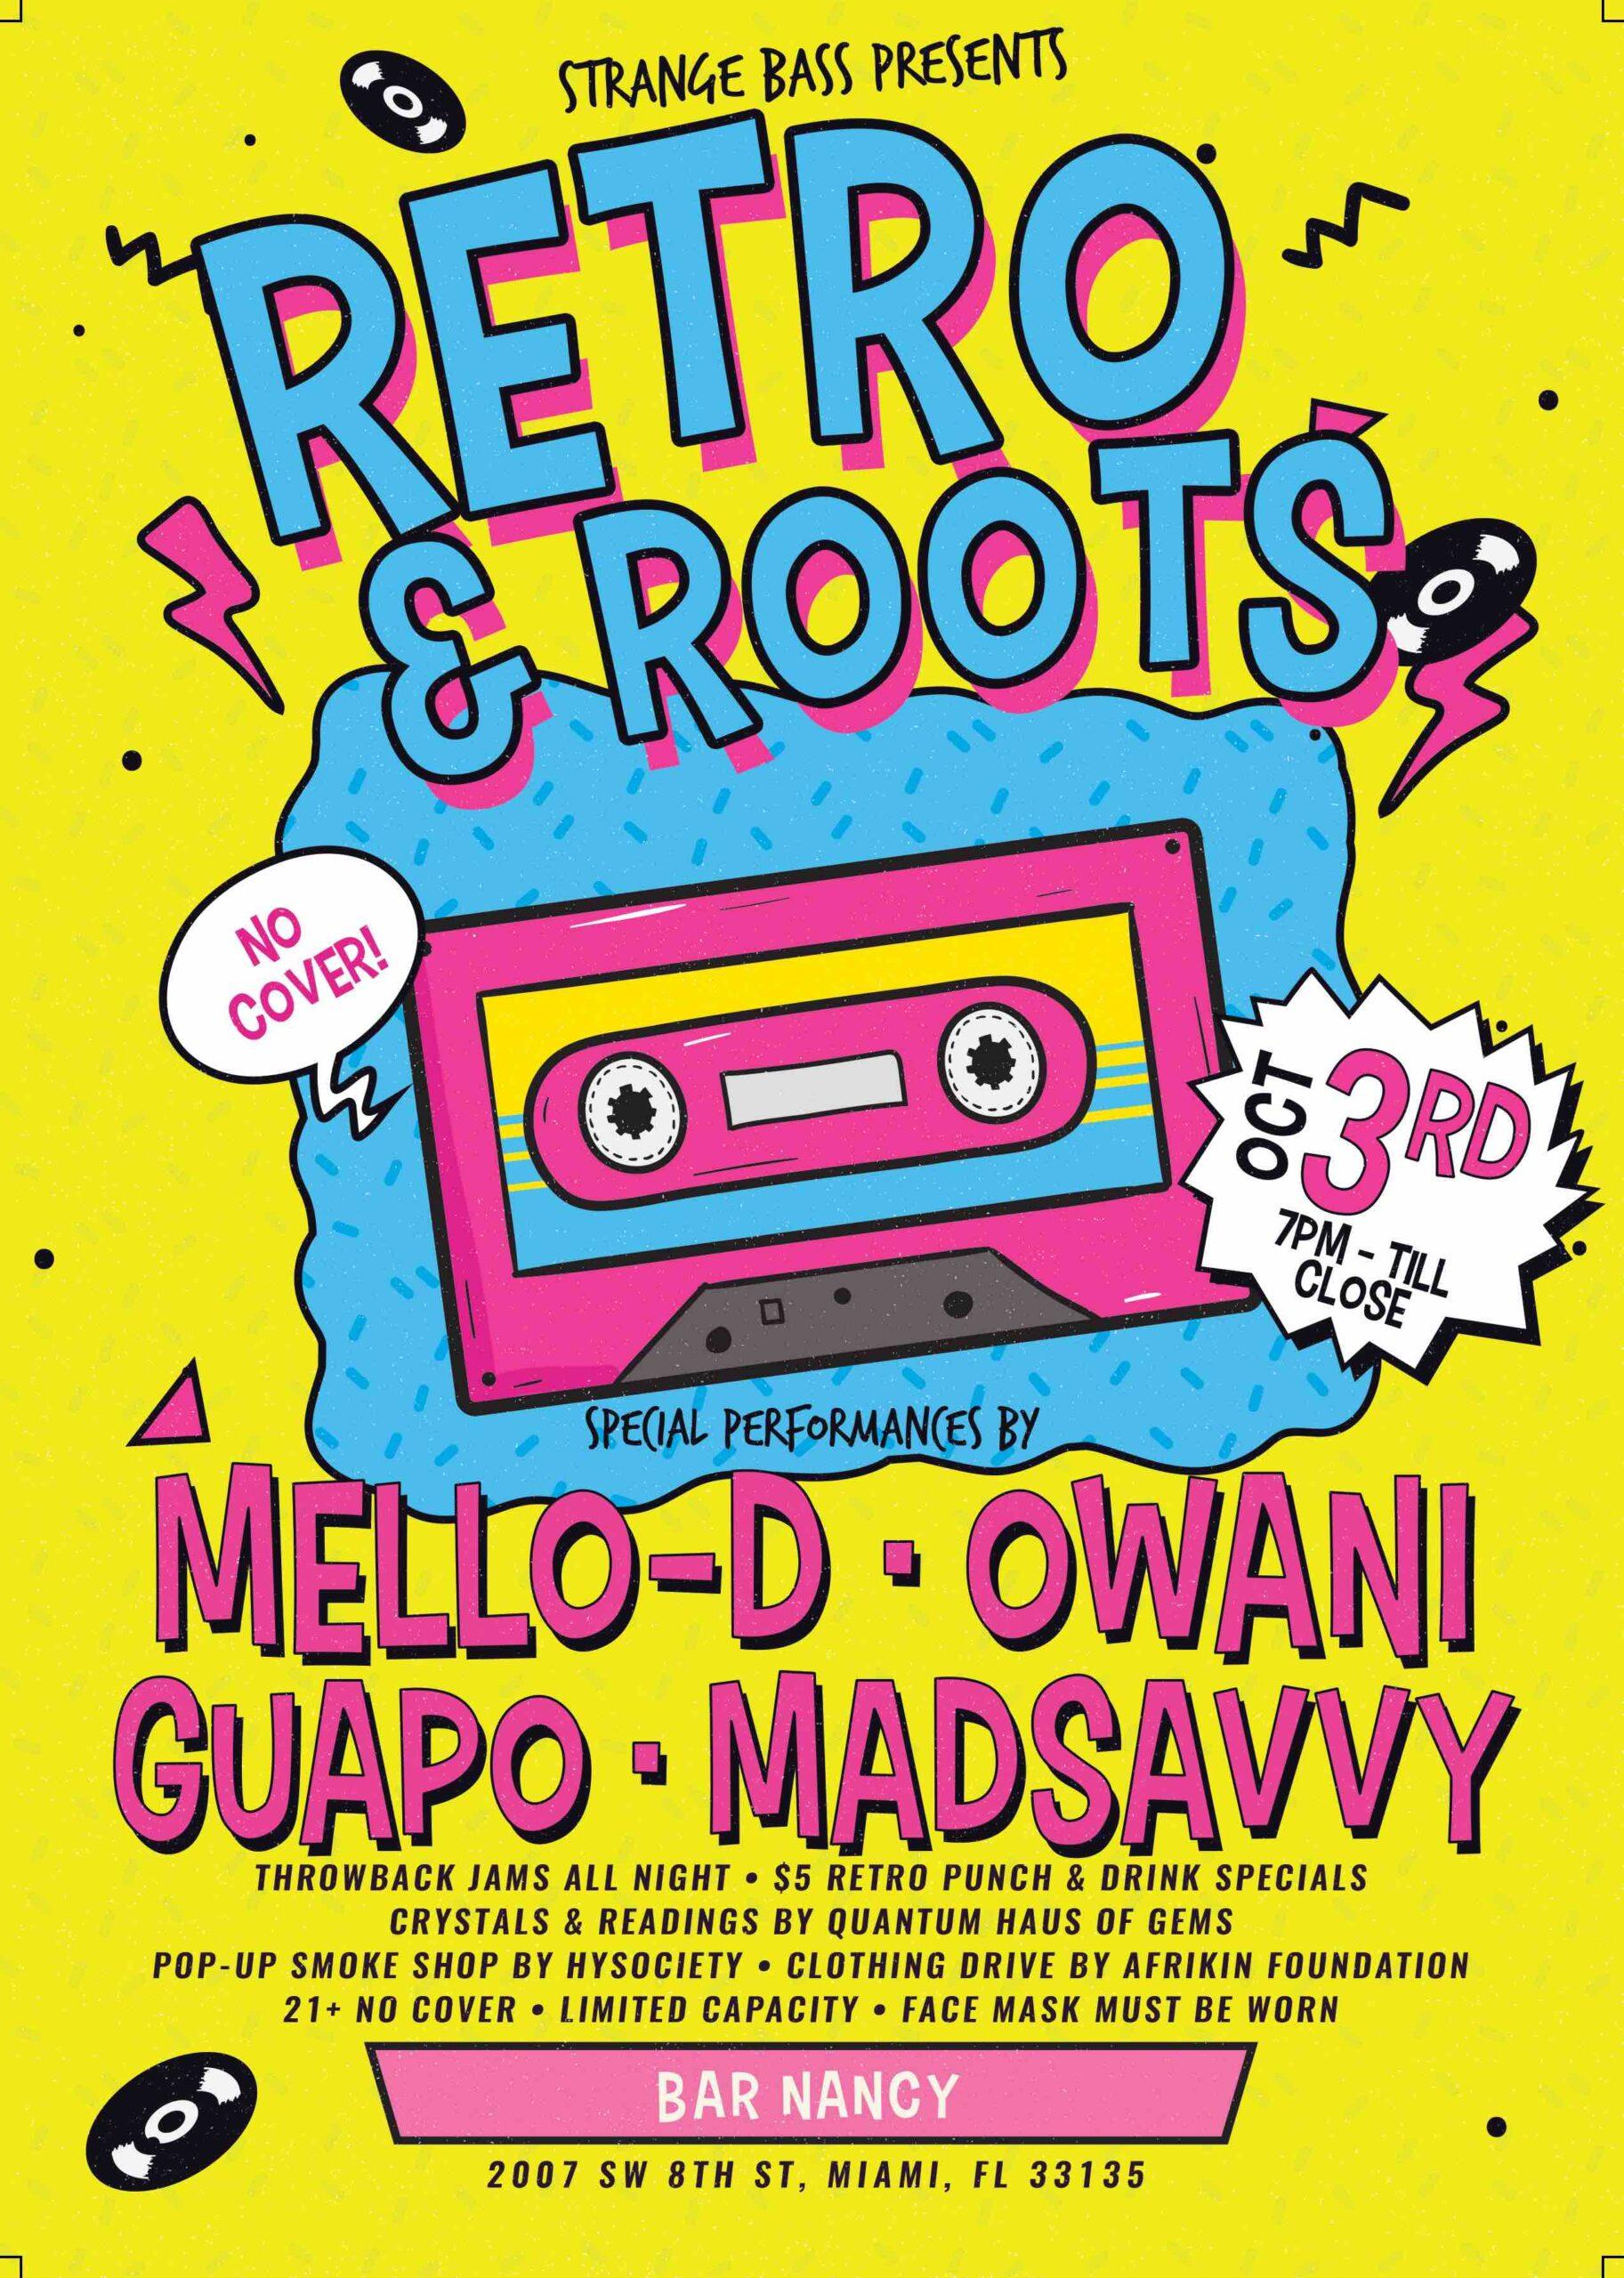 RETRO & ROOTS - MELLO-D - OWANI - GUAPO - MADSAVVY - @ BAR NANCY OCT 3 AT 7PM